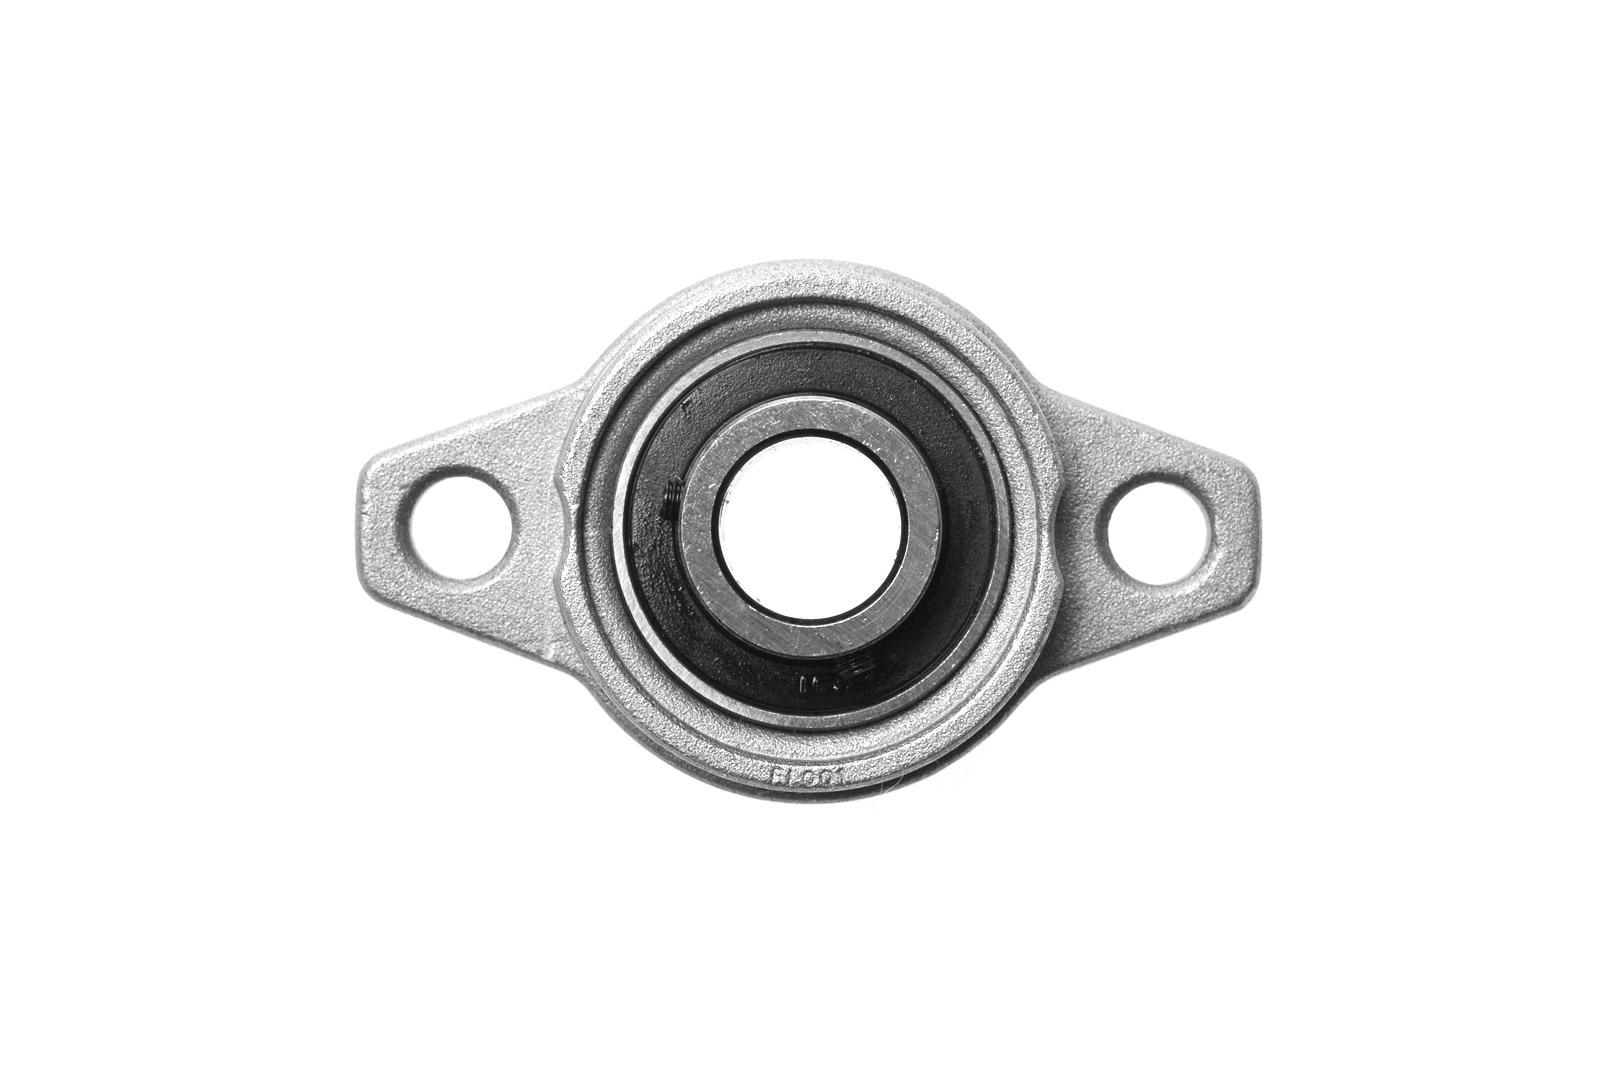 Miniatur Flanschlager für Ø 12mm WelleKugellager Pendellager Gehäuselager